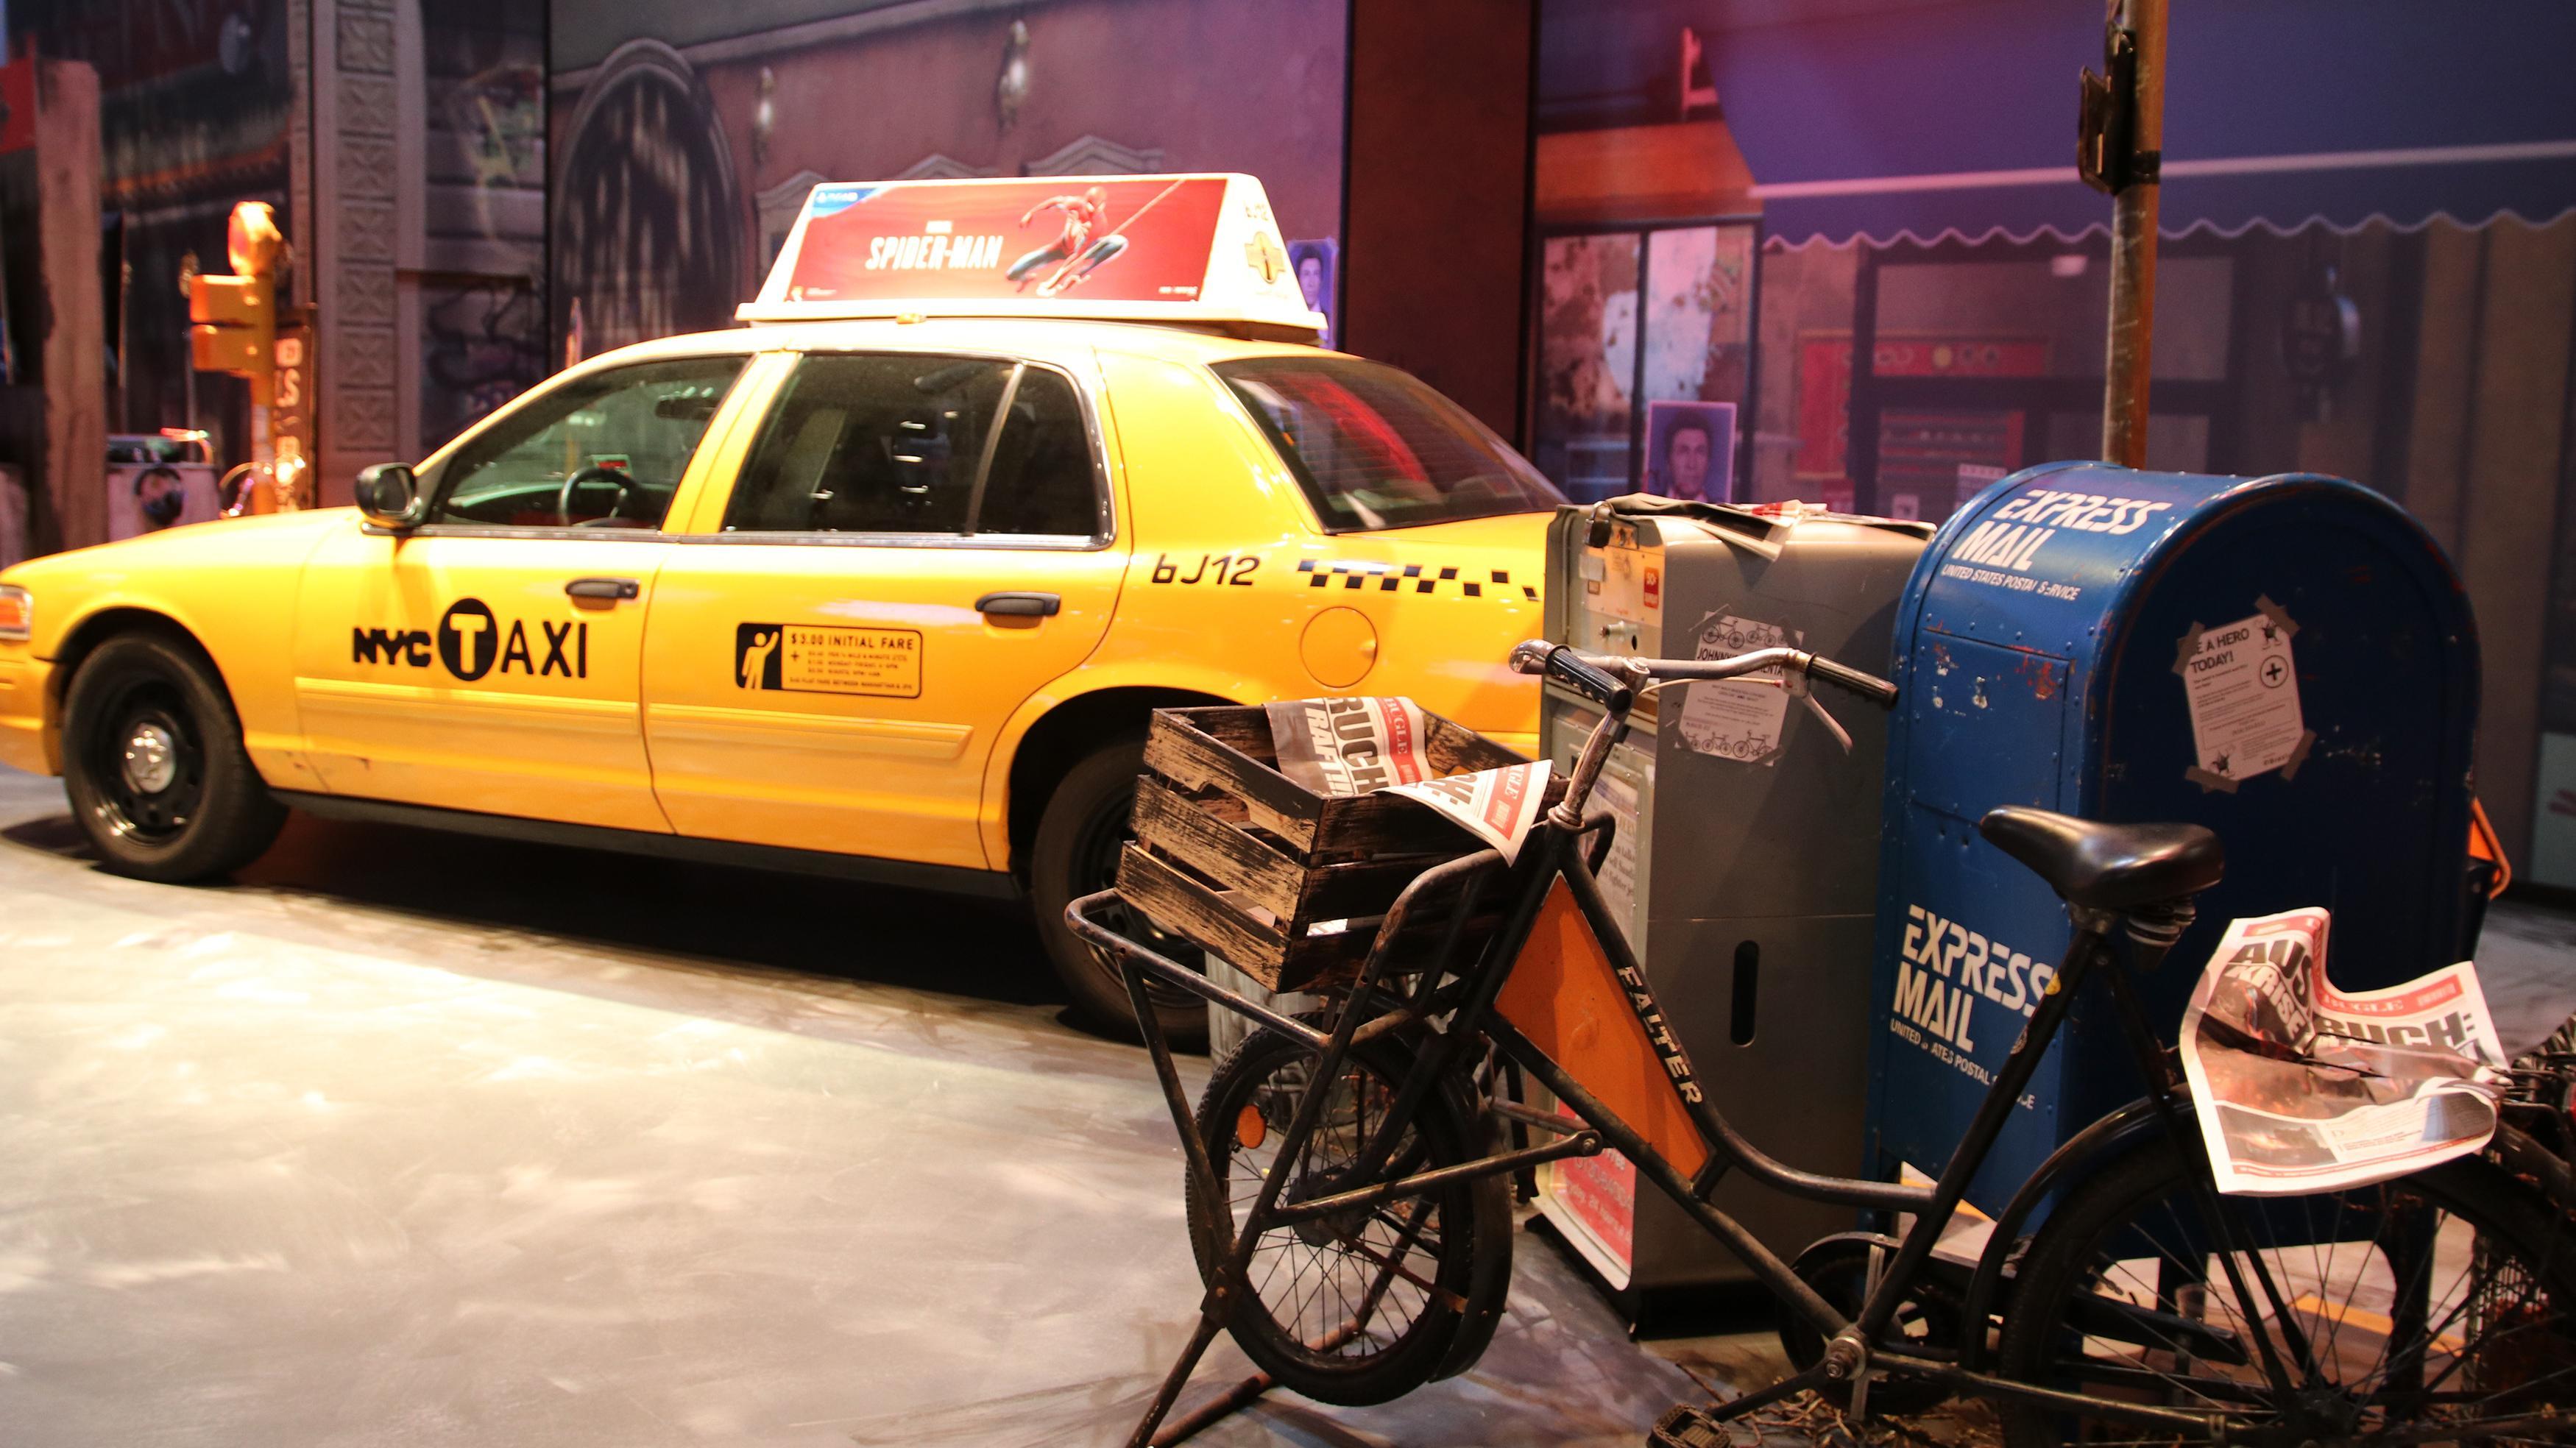 På Gamescom-messeområdet hadde Sony gjenskapt en del av Marvels New York, hvor handlingen i Spider-Man-spillene finner sted.